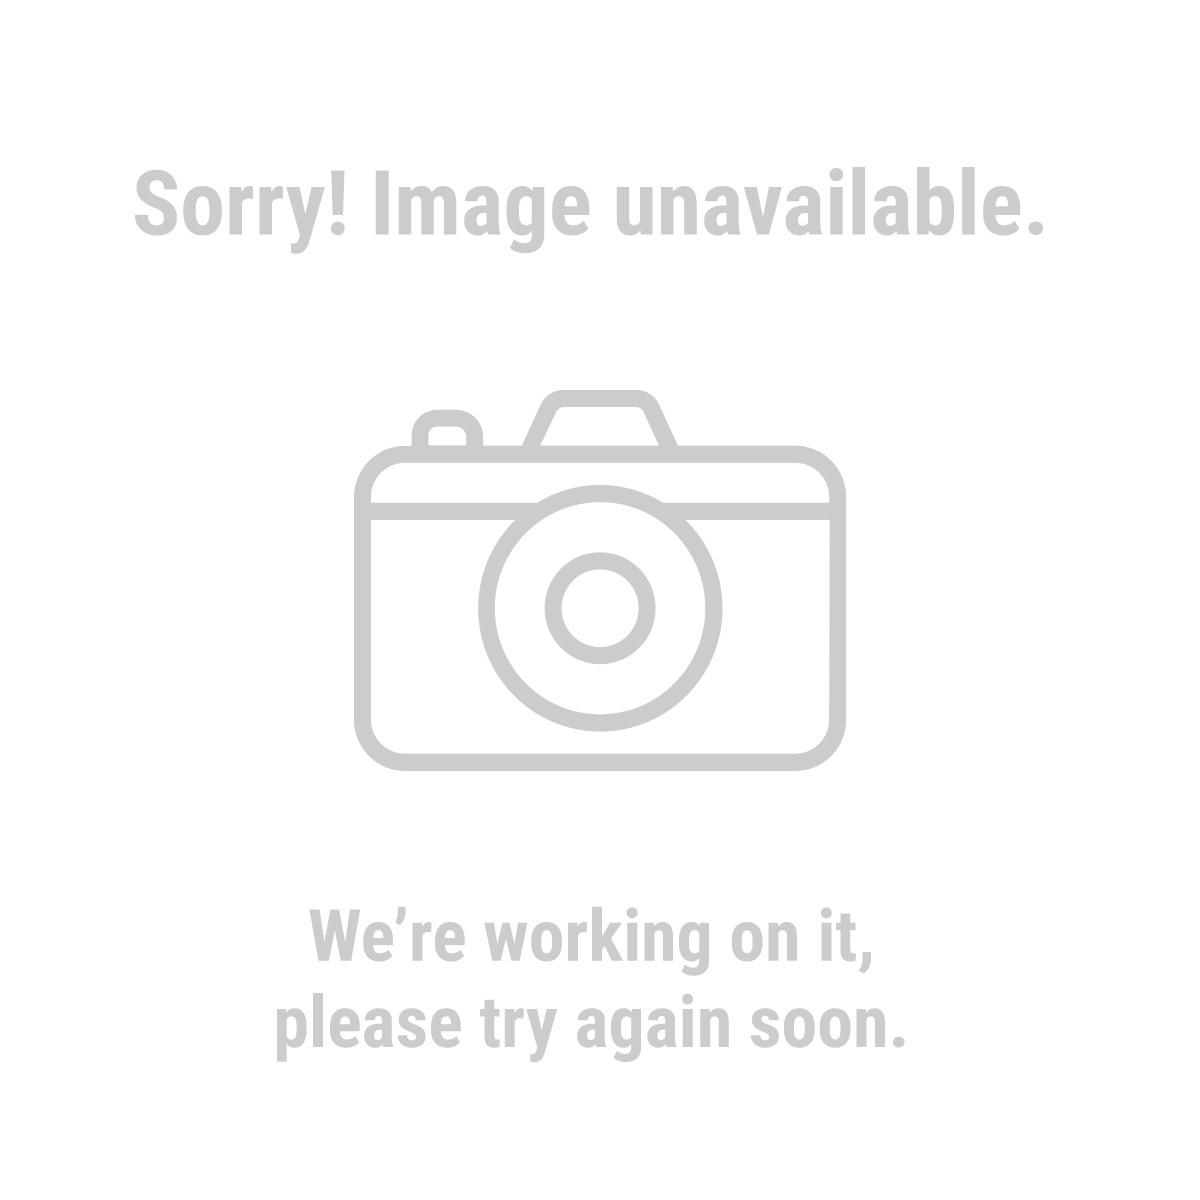 StikTek™ 63246 60 yd. x 0.94 in. General Purpose Masking Tape